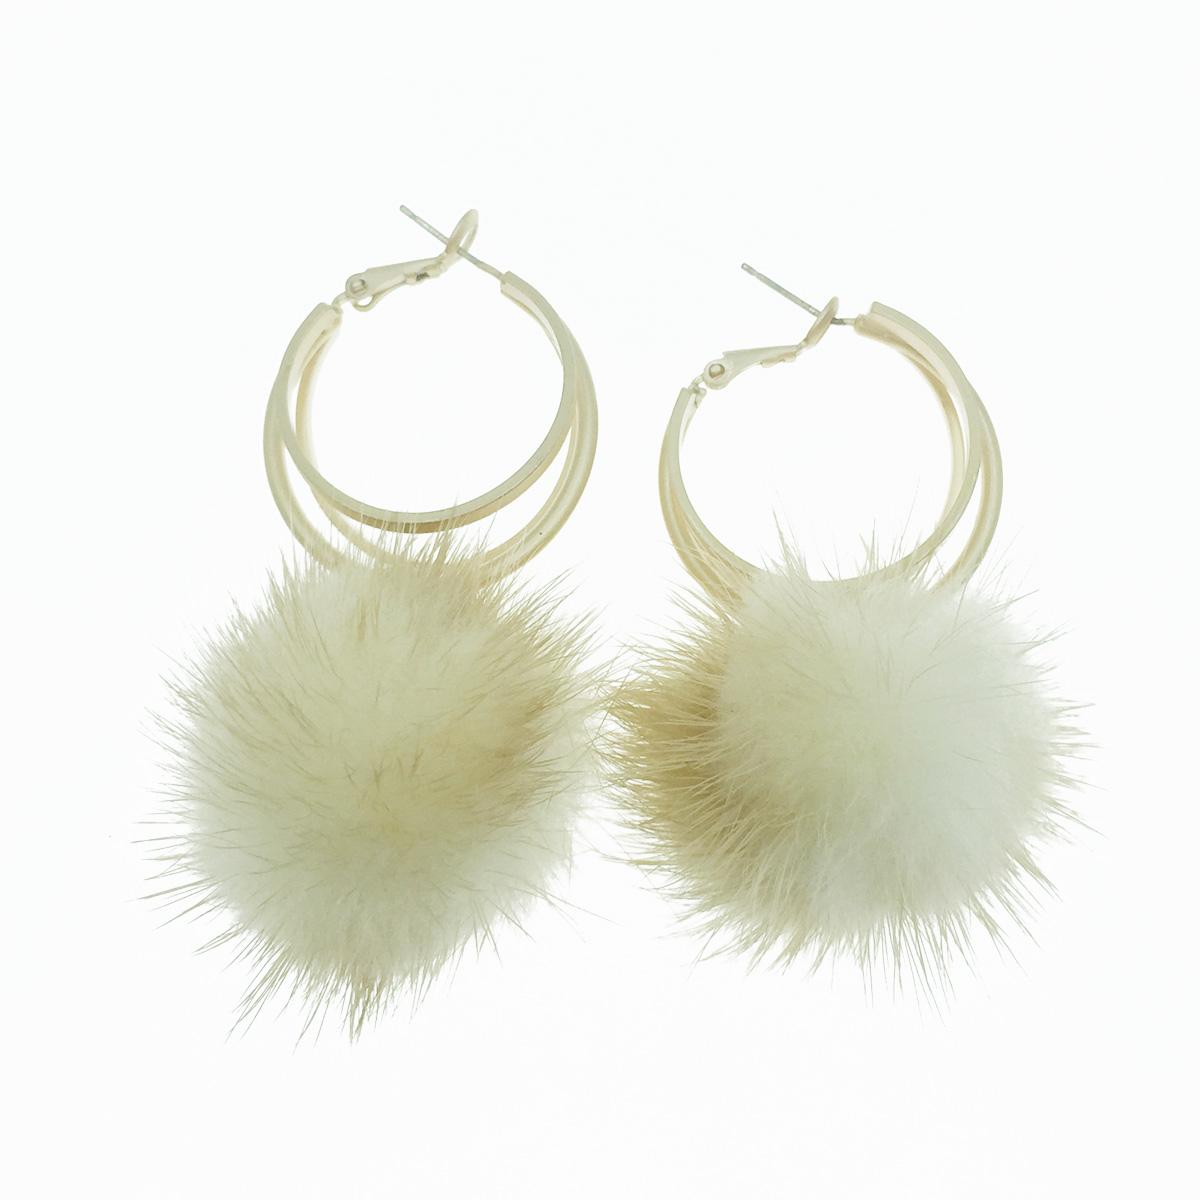 韓國 925純銀 毛球 簍空圓圈 金屬環 垂墜感 耳針式耳環